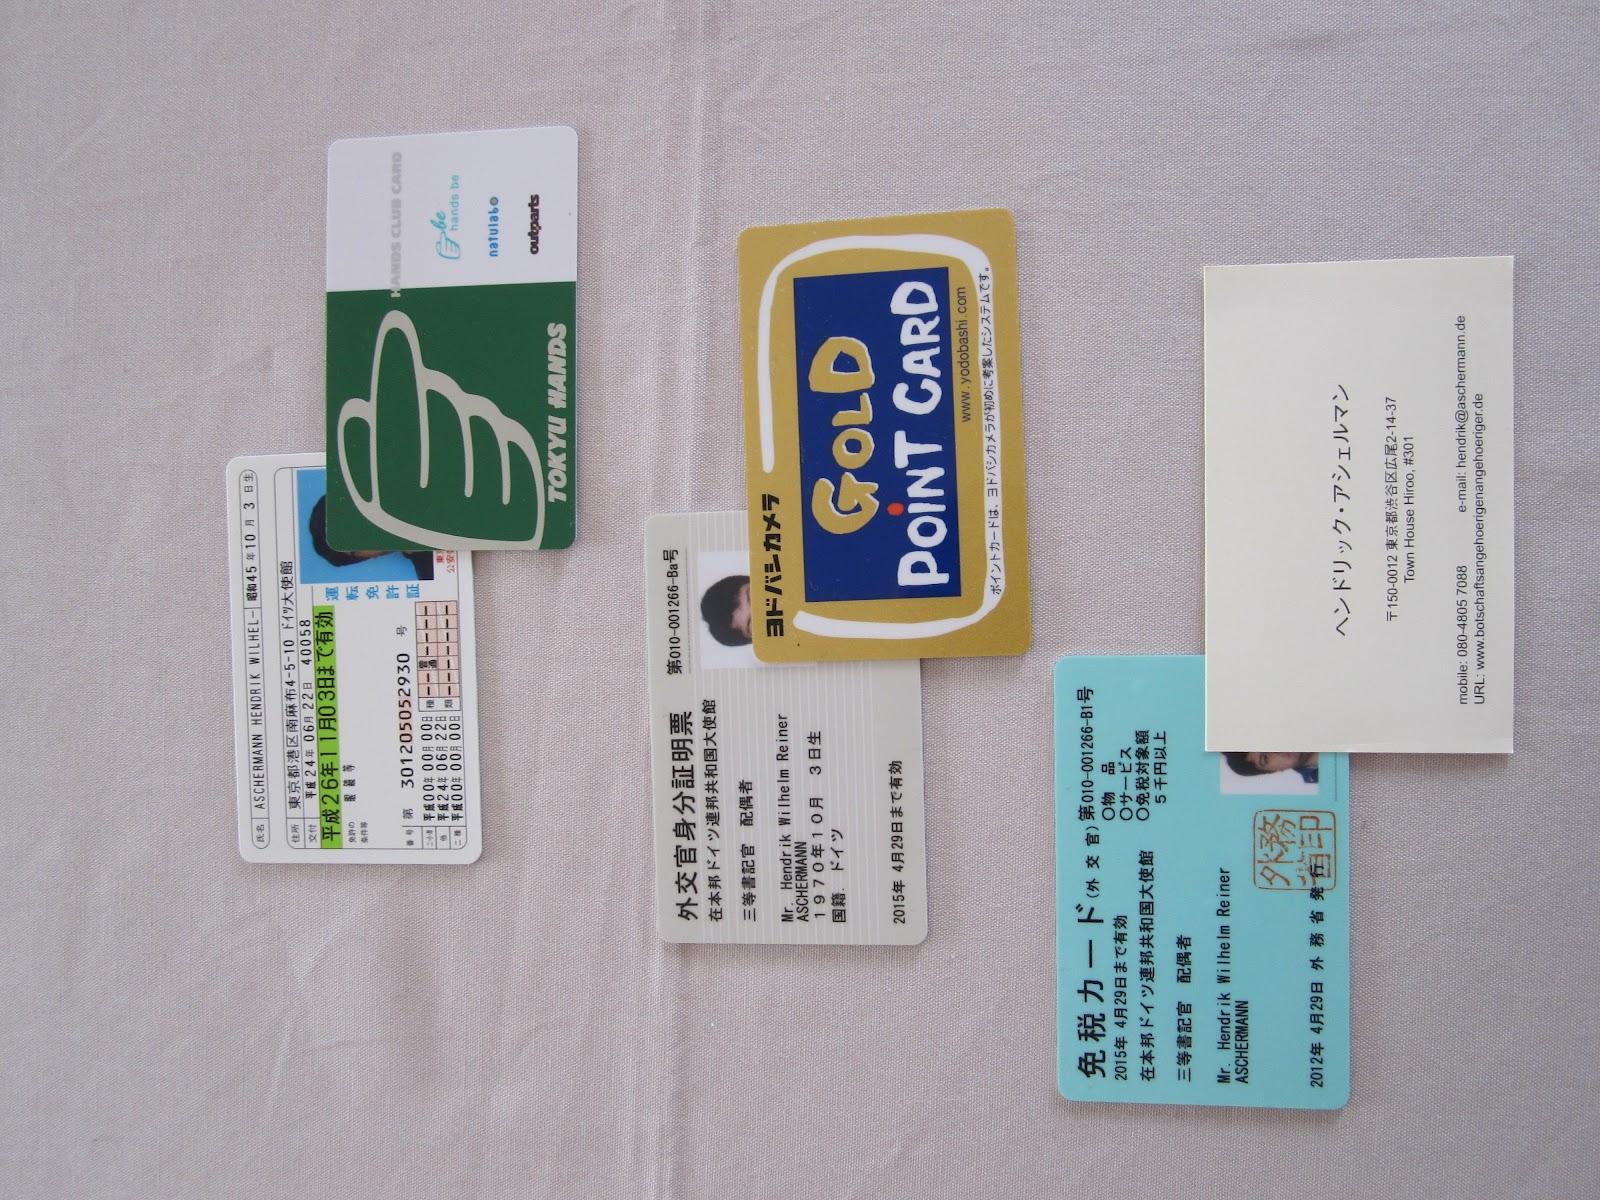 Das ist Ausstattung an Karten sich in acht Wochen Japan angesammelt haben Führerschein Alien Registration Card eine beinahe nutzlose